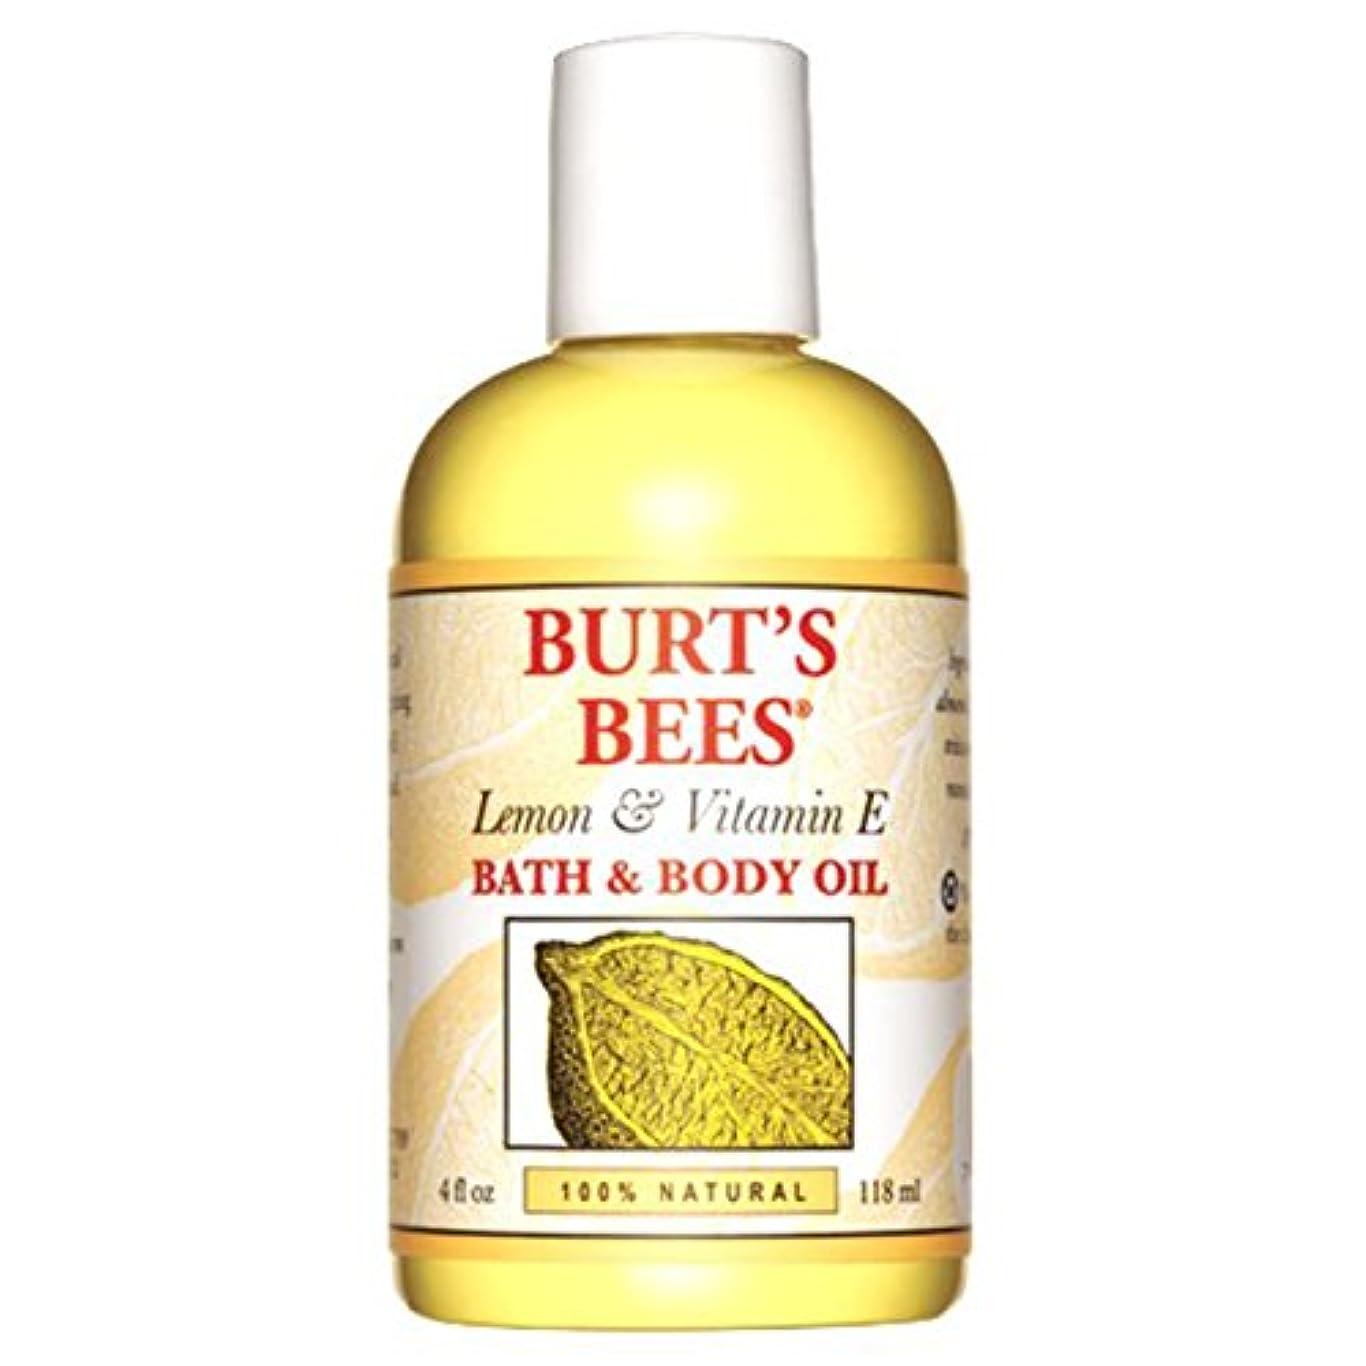 支援するスピン声を出してバーツビーズ (Burt's Bees) L&E バス&ボディオイル 118ml